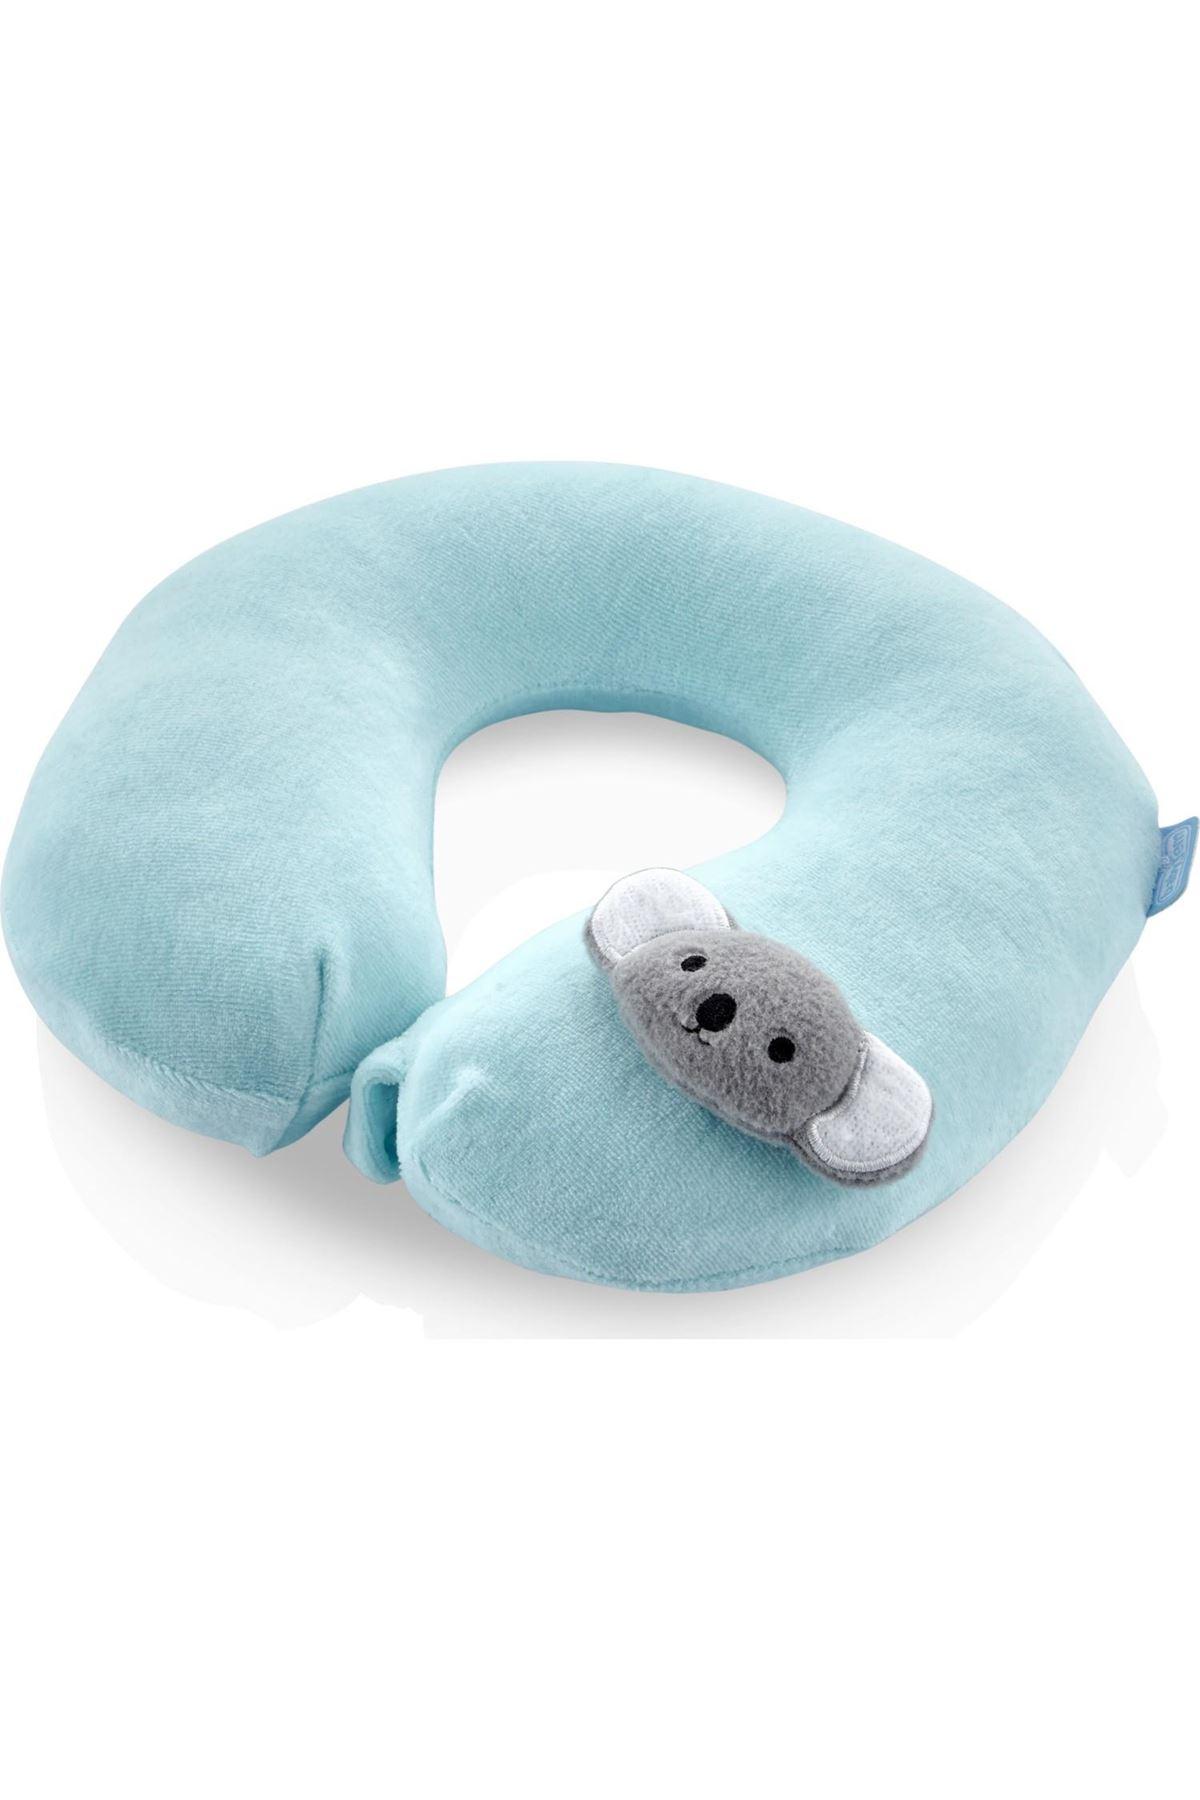 BabyJem Bebek Boyun Koruyucu Yastık 108 Mint